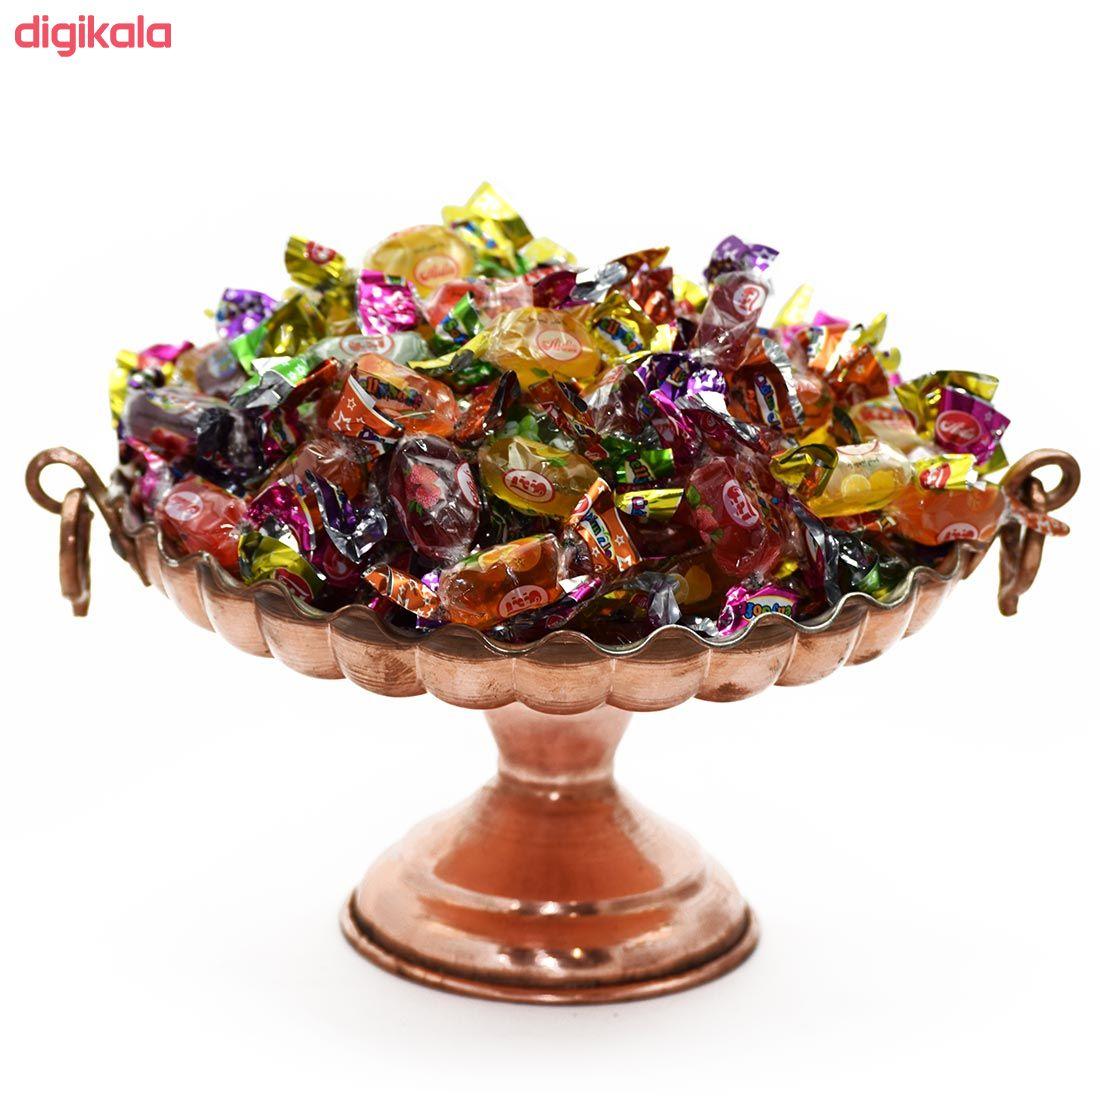 پاستیل میوه ای مخلوط آیدین - 200 گرم main 1 2